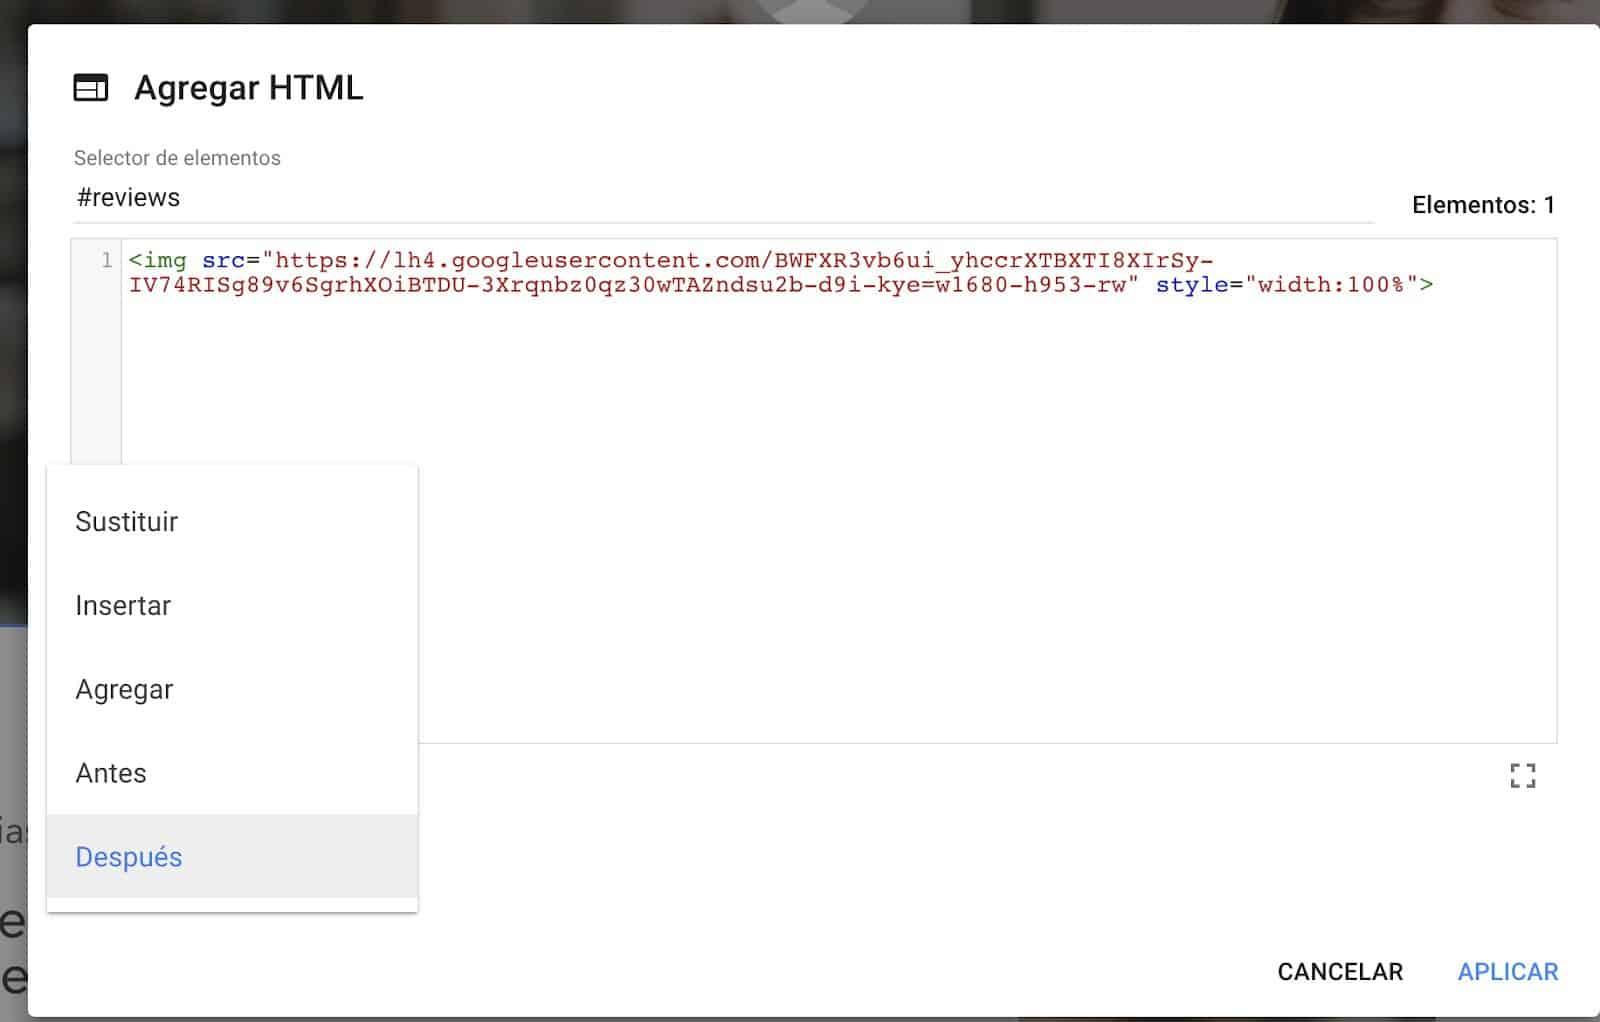 google-optimize-agregar-html